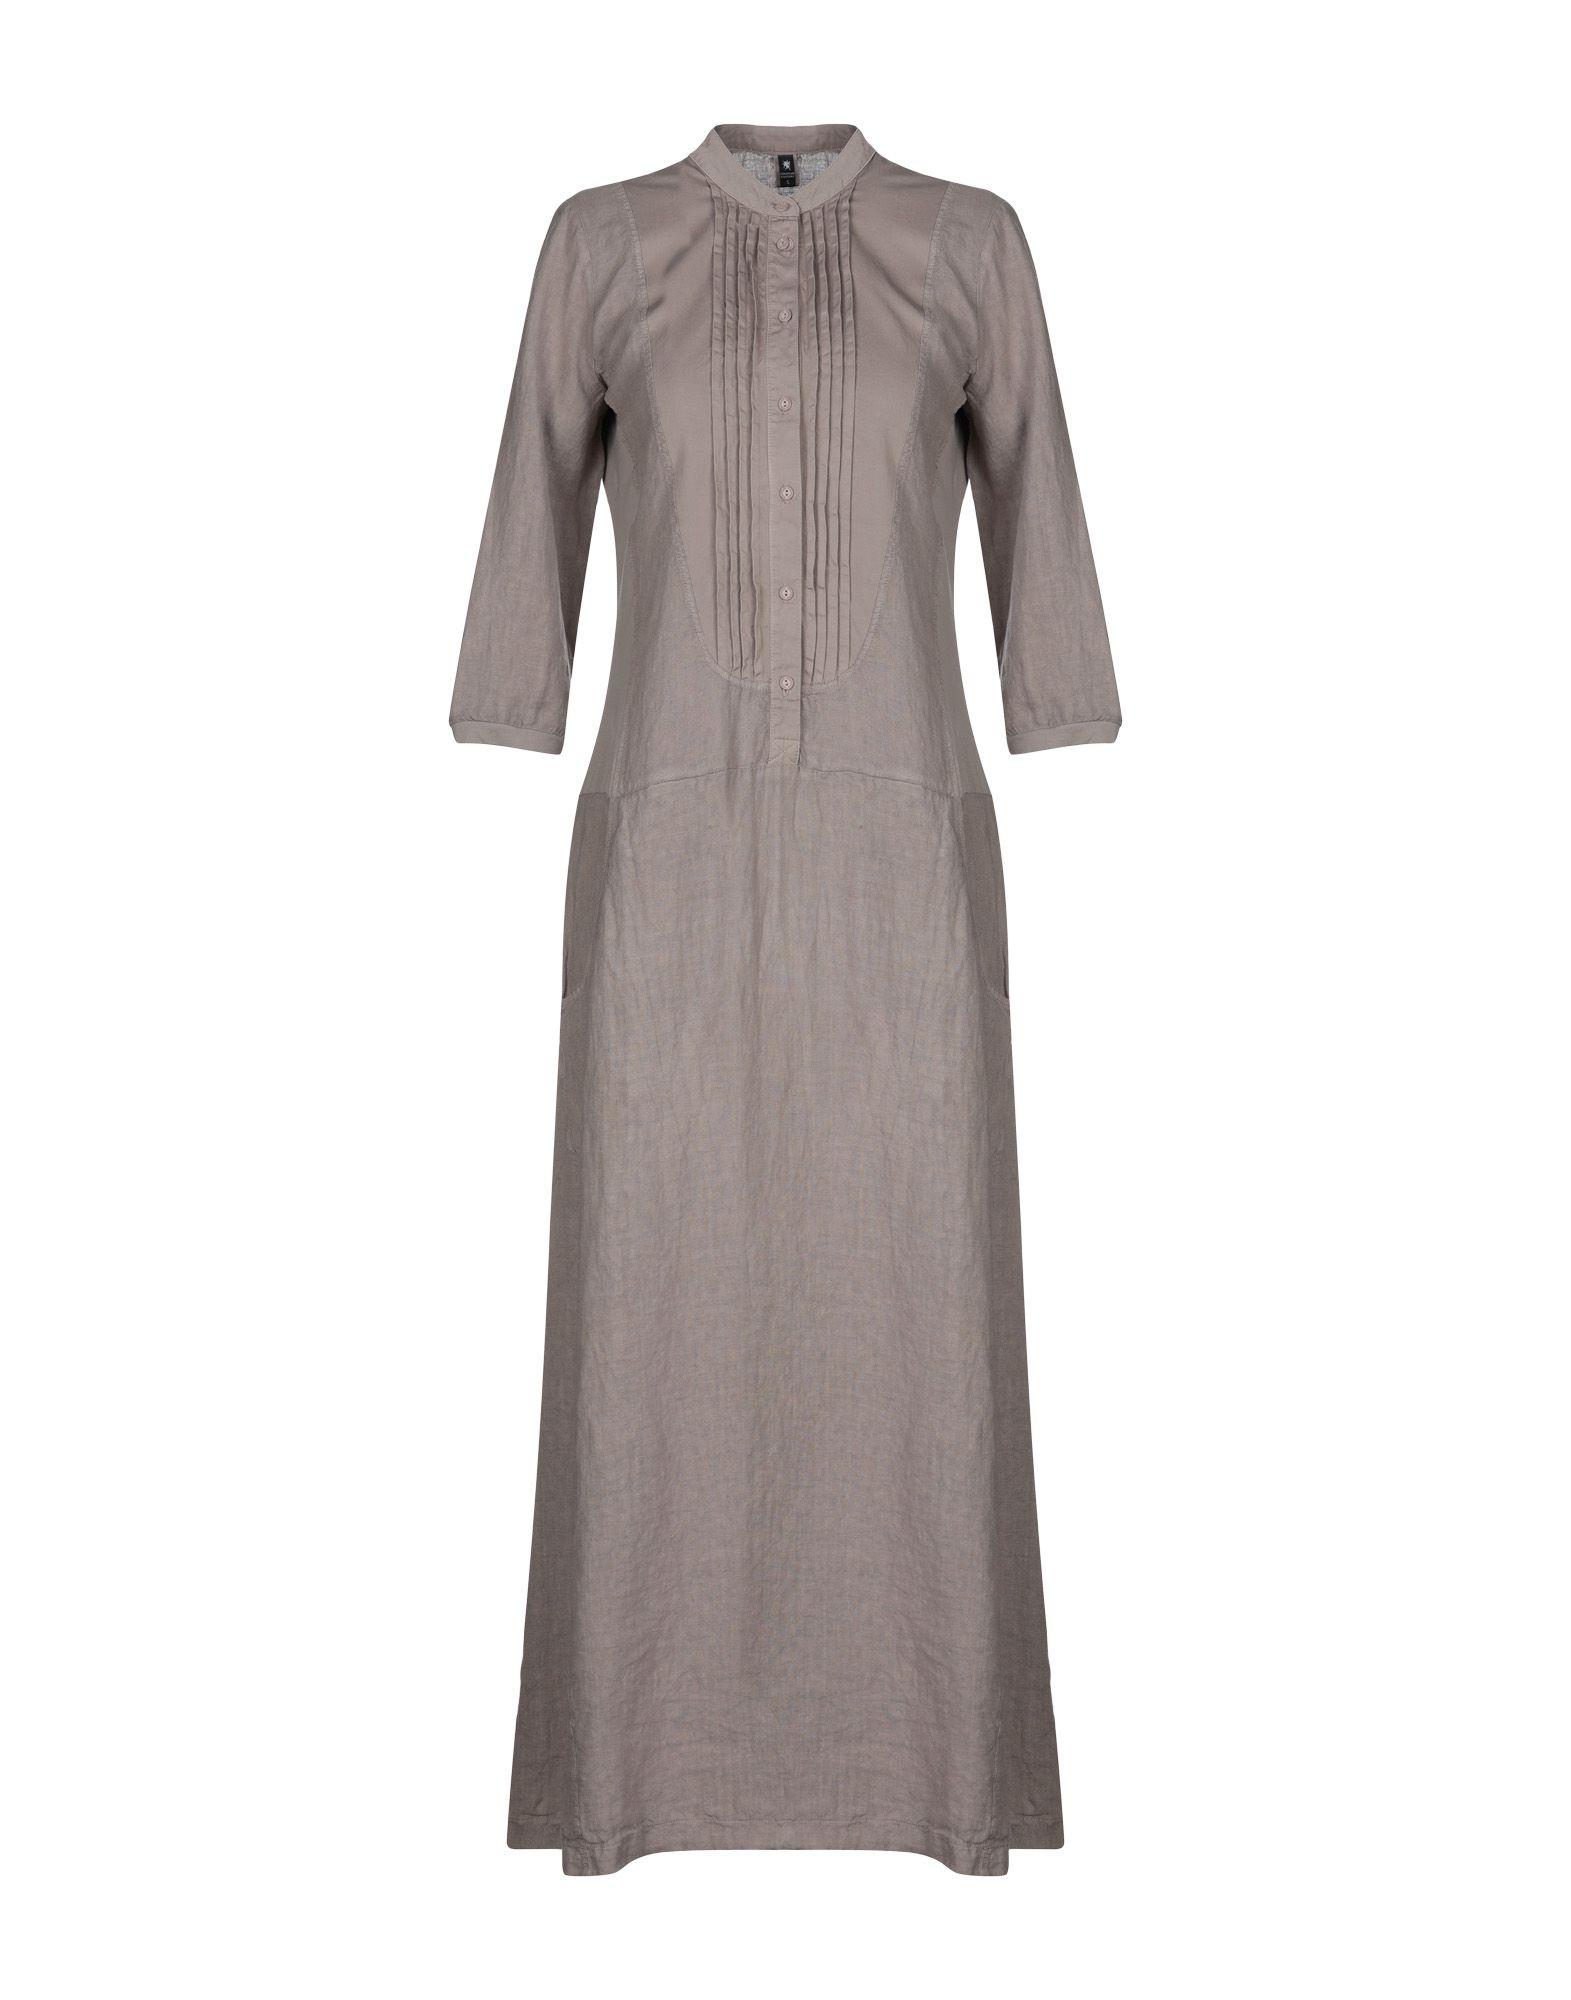 EUROPEAN CULTURE Длинное платье женская рубашка european and american big c002617 2015